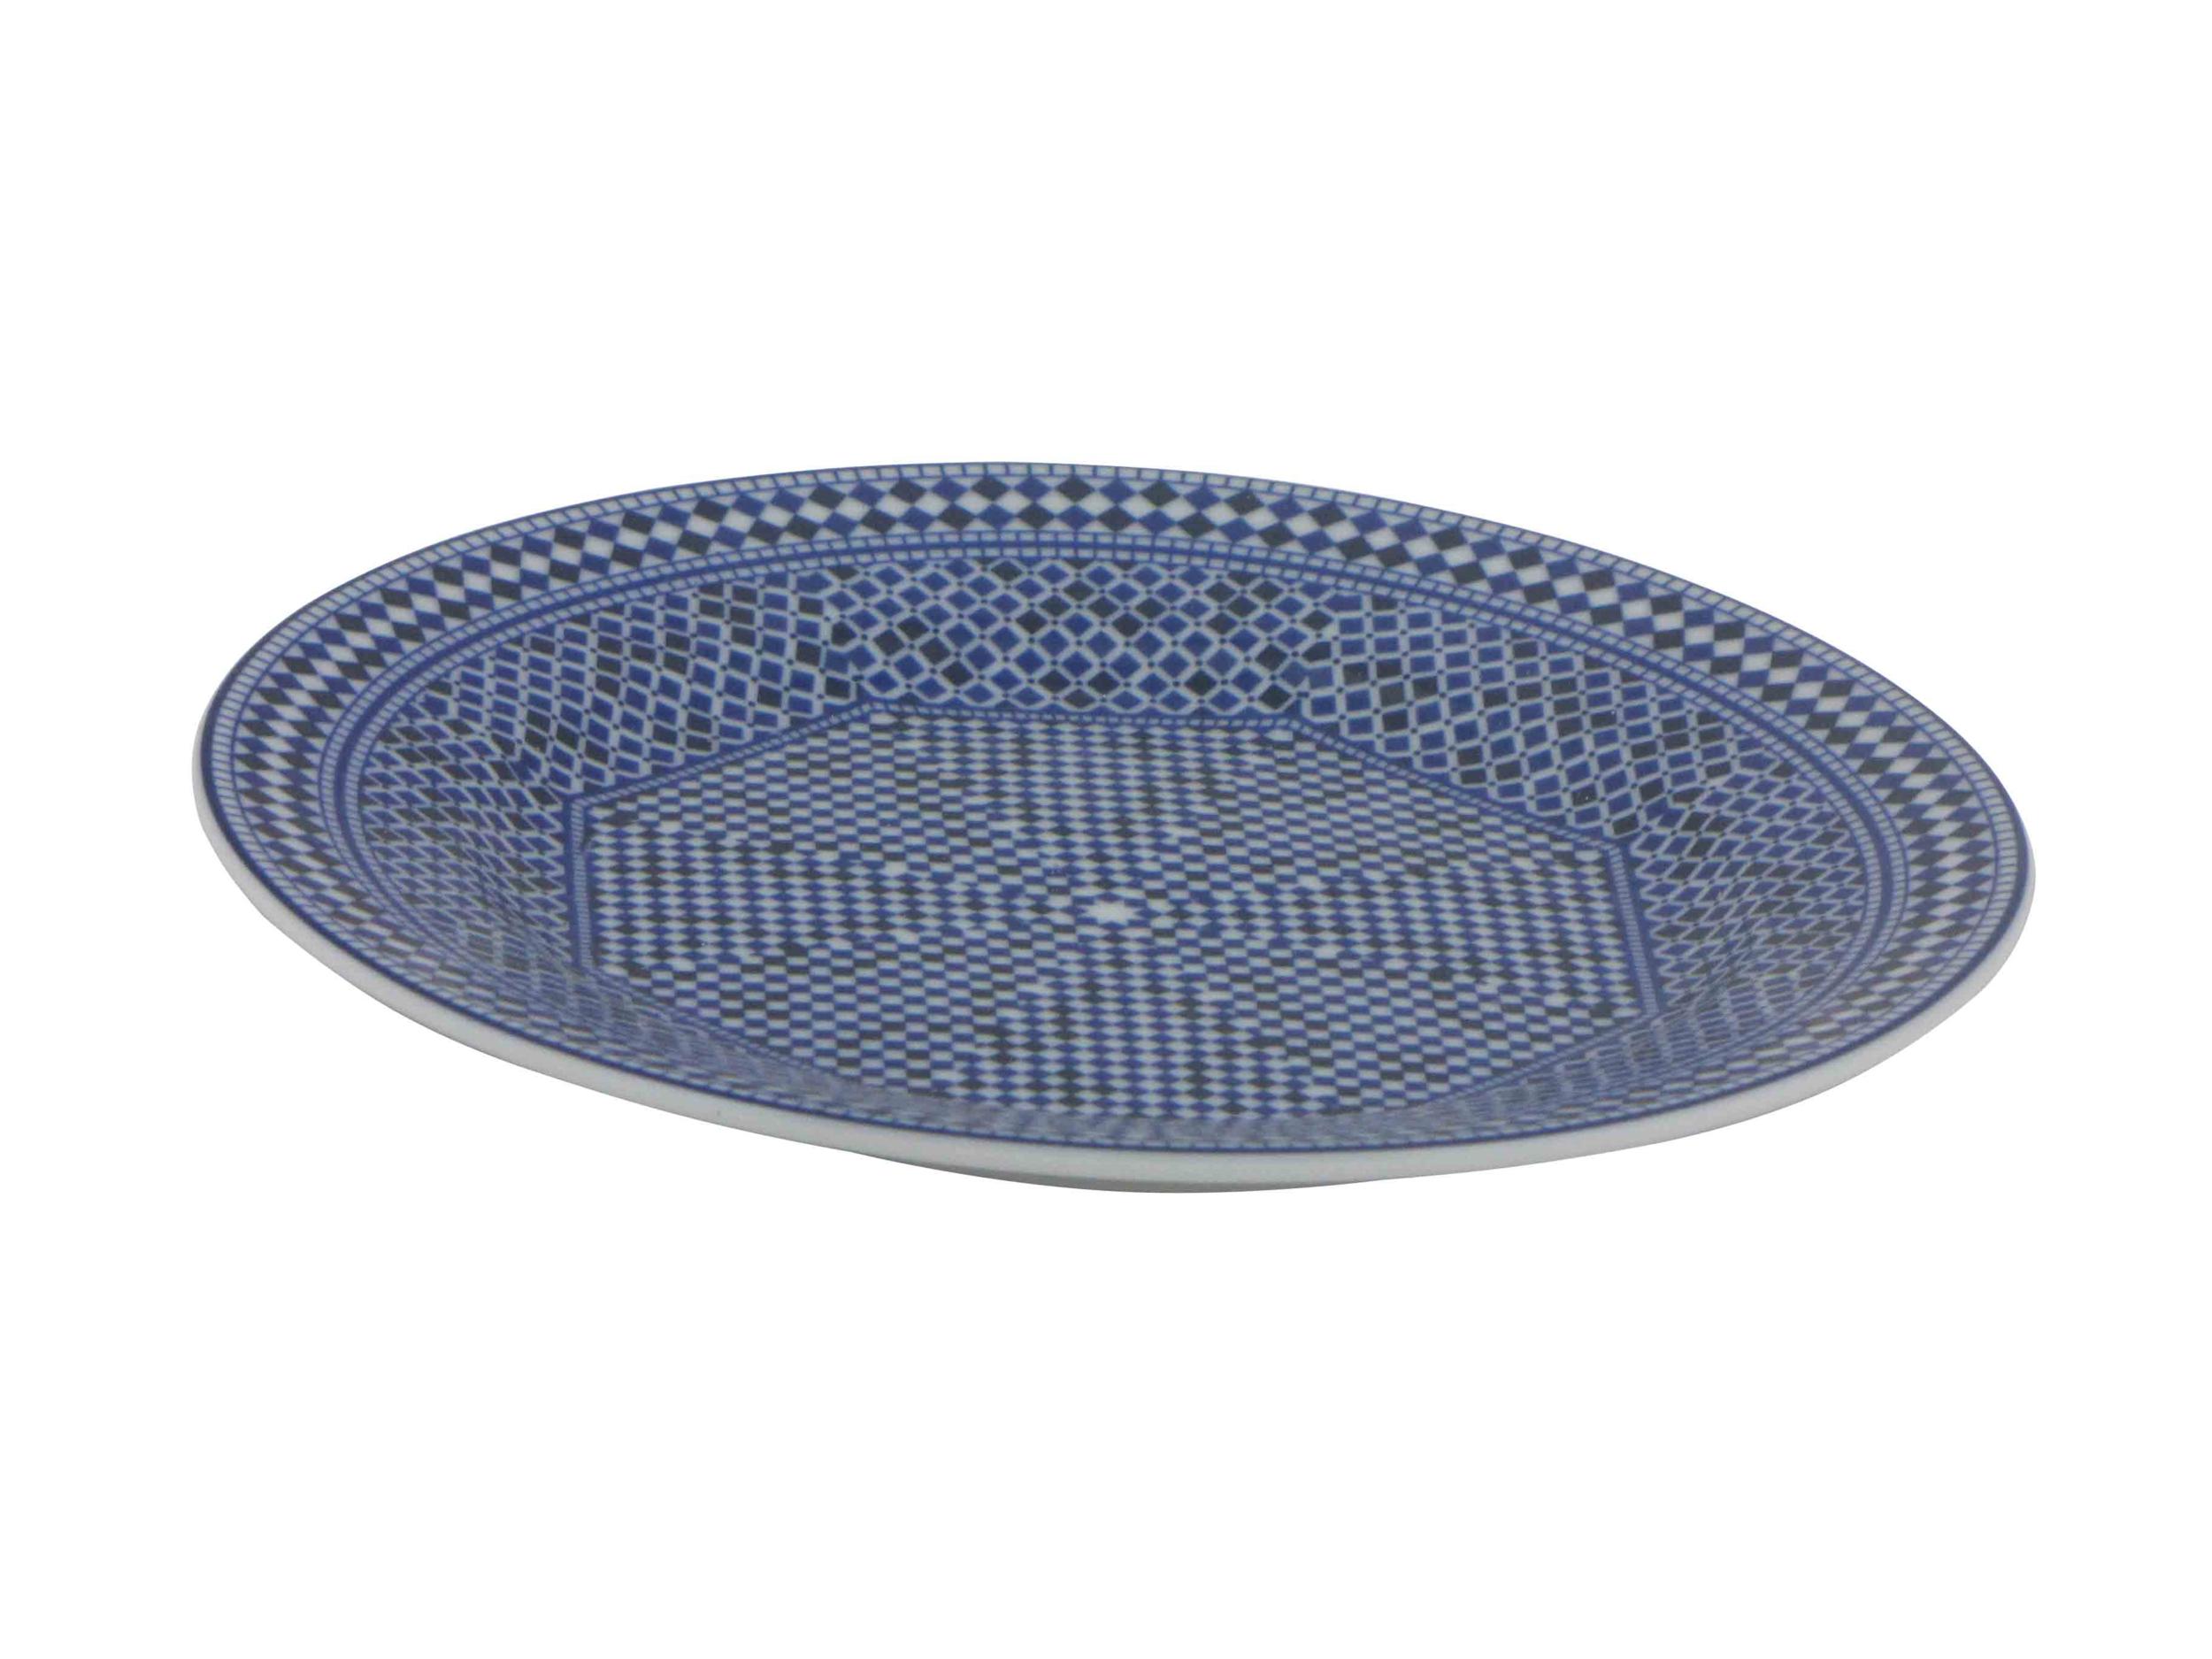 PILLIVUYT  Assiette plate 20 cm en porcelaine blanche 'Plissé' de Pillivuyt